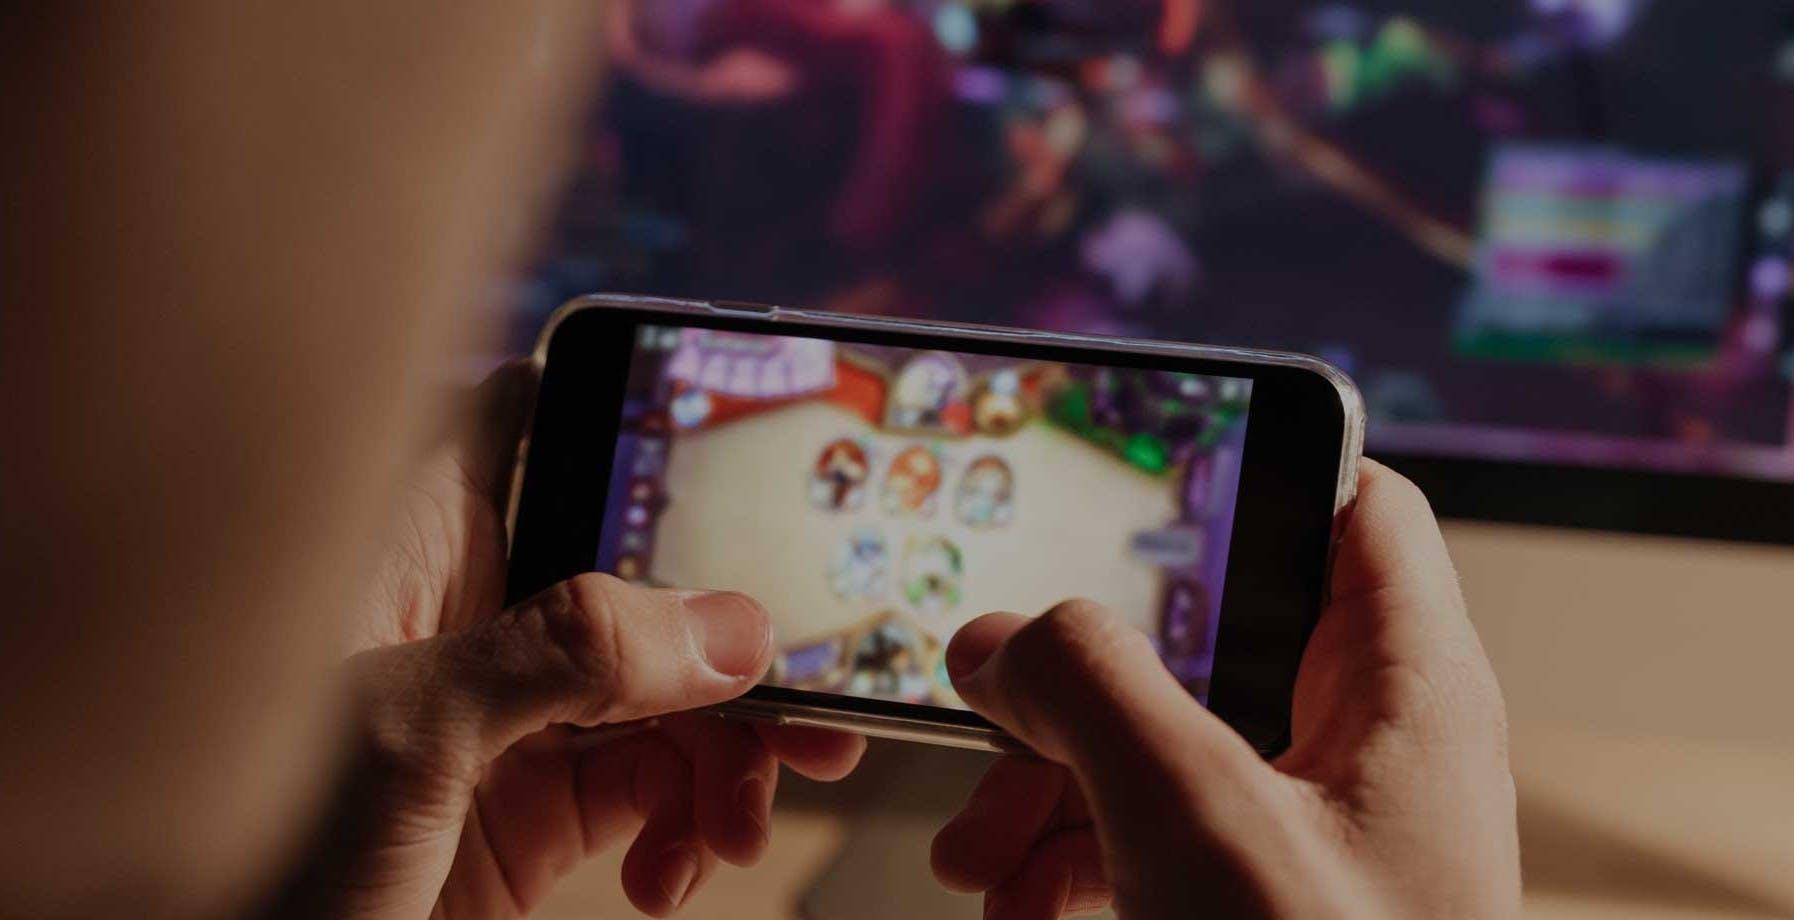 """""""Paga oppure guarda questo video"""": le fastidiose pubblicità mobile potrebbero arrivare sui giochi console e PC"""